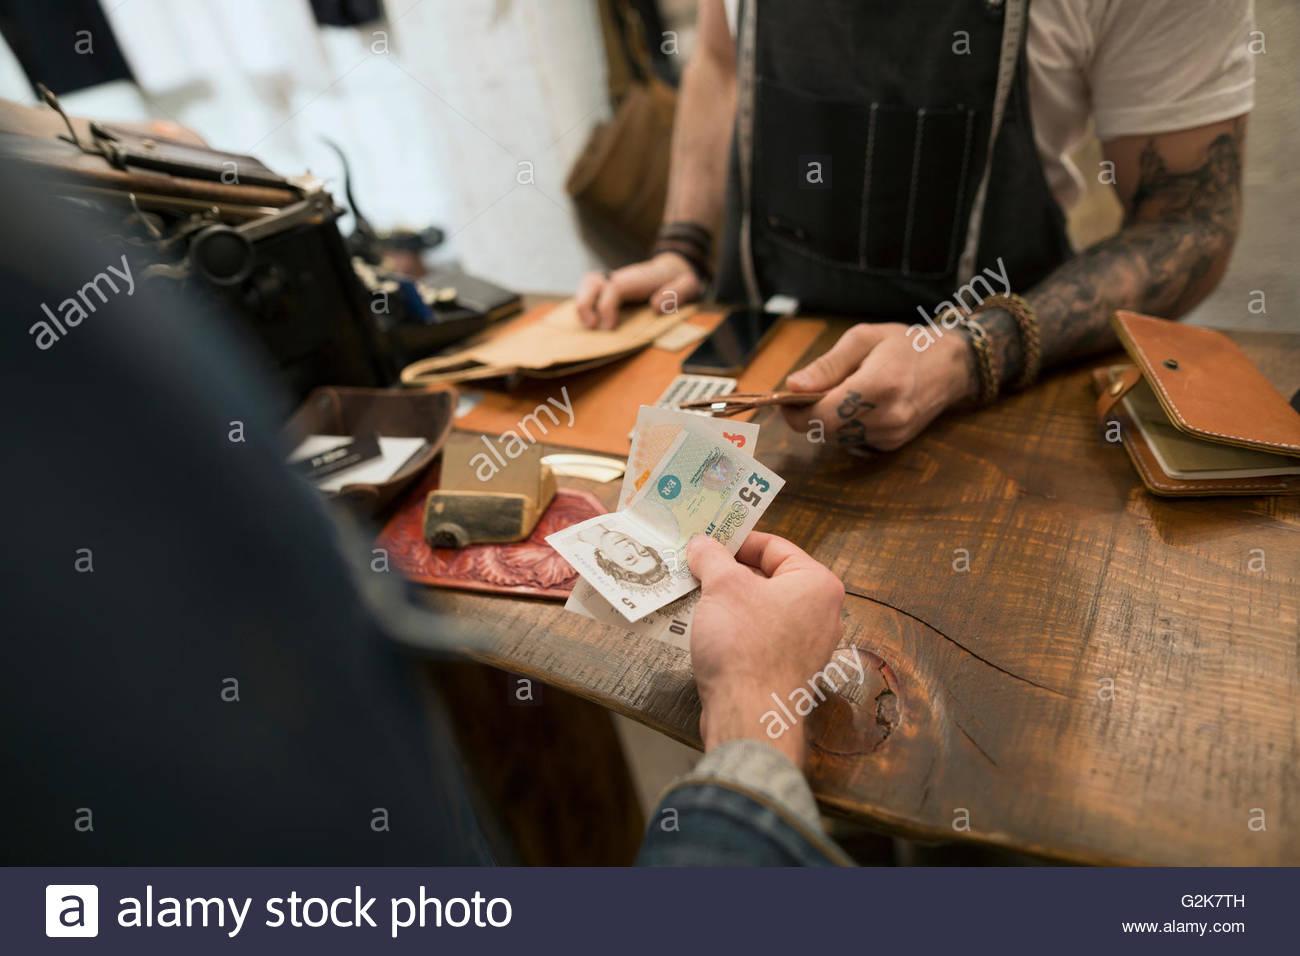 El cliente pagar con libras esterlinas en leather shop Imagen De Stock